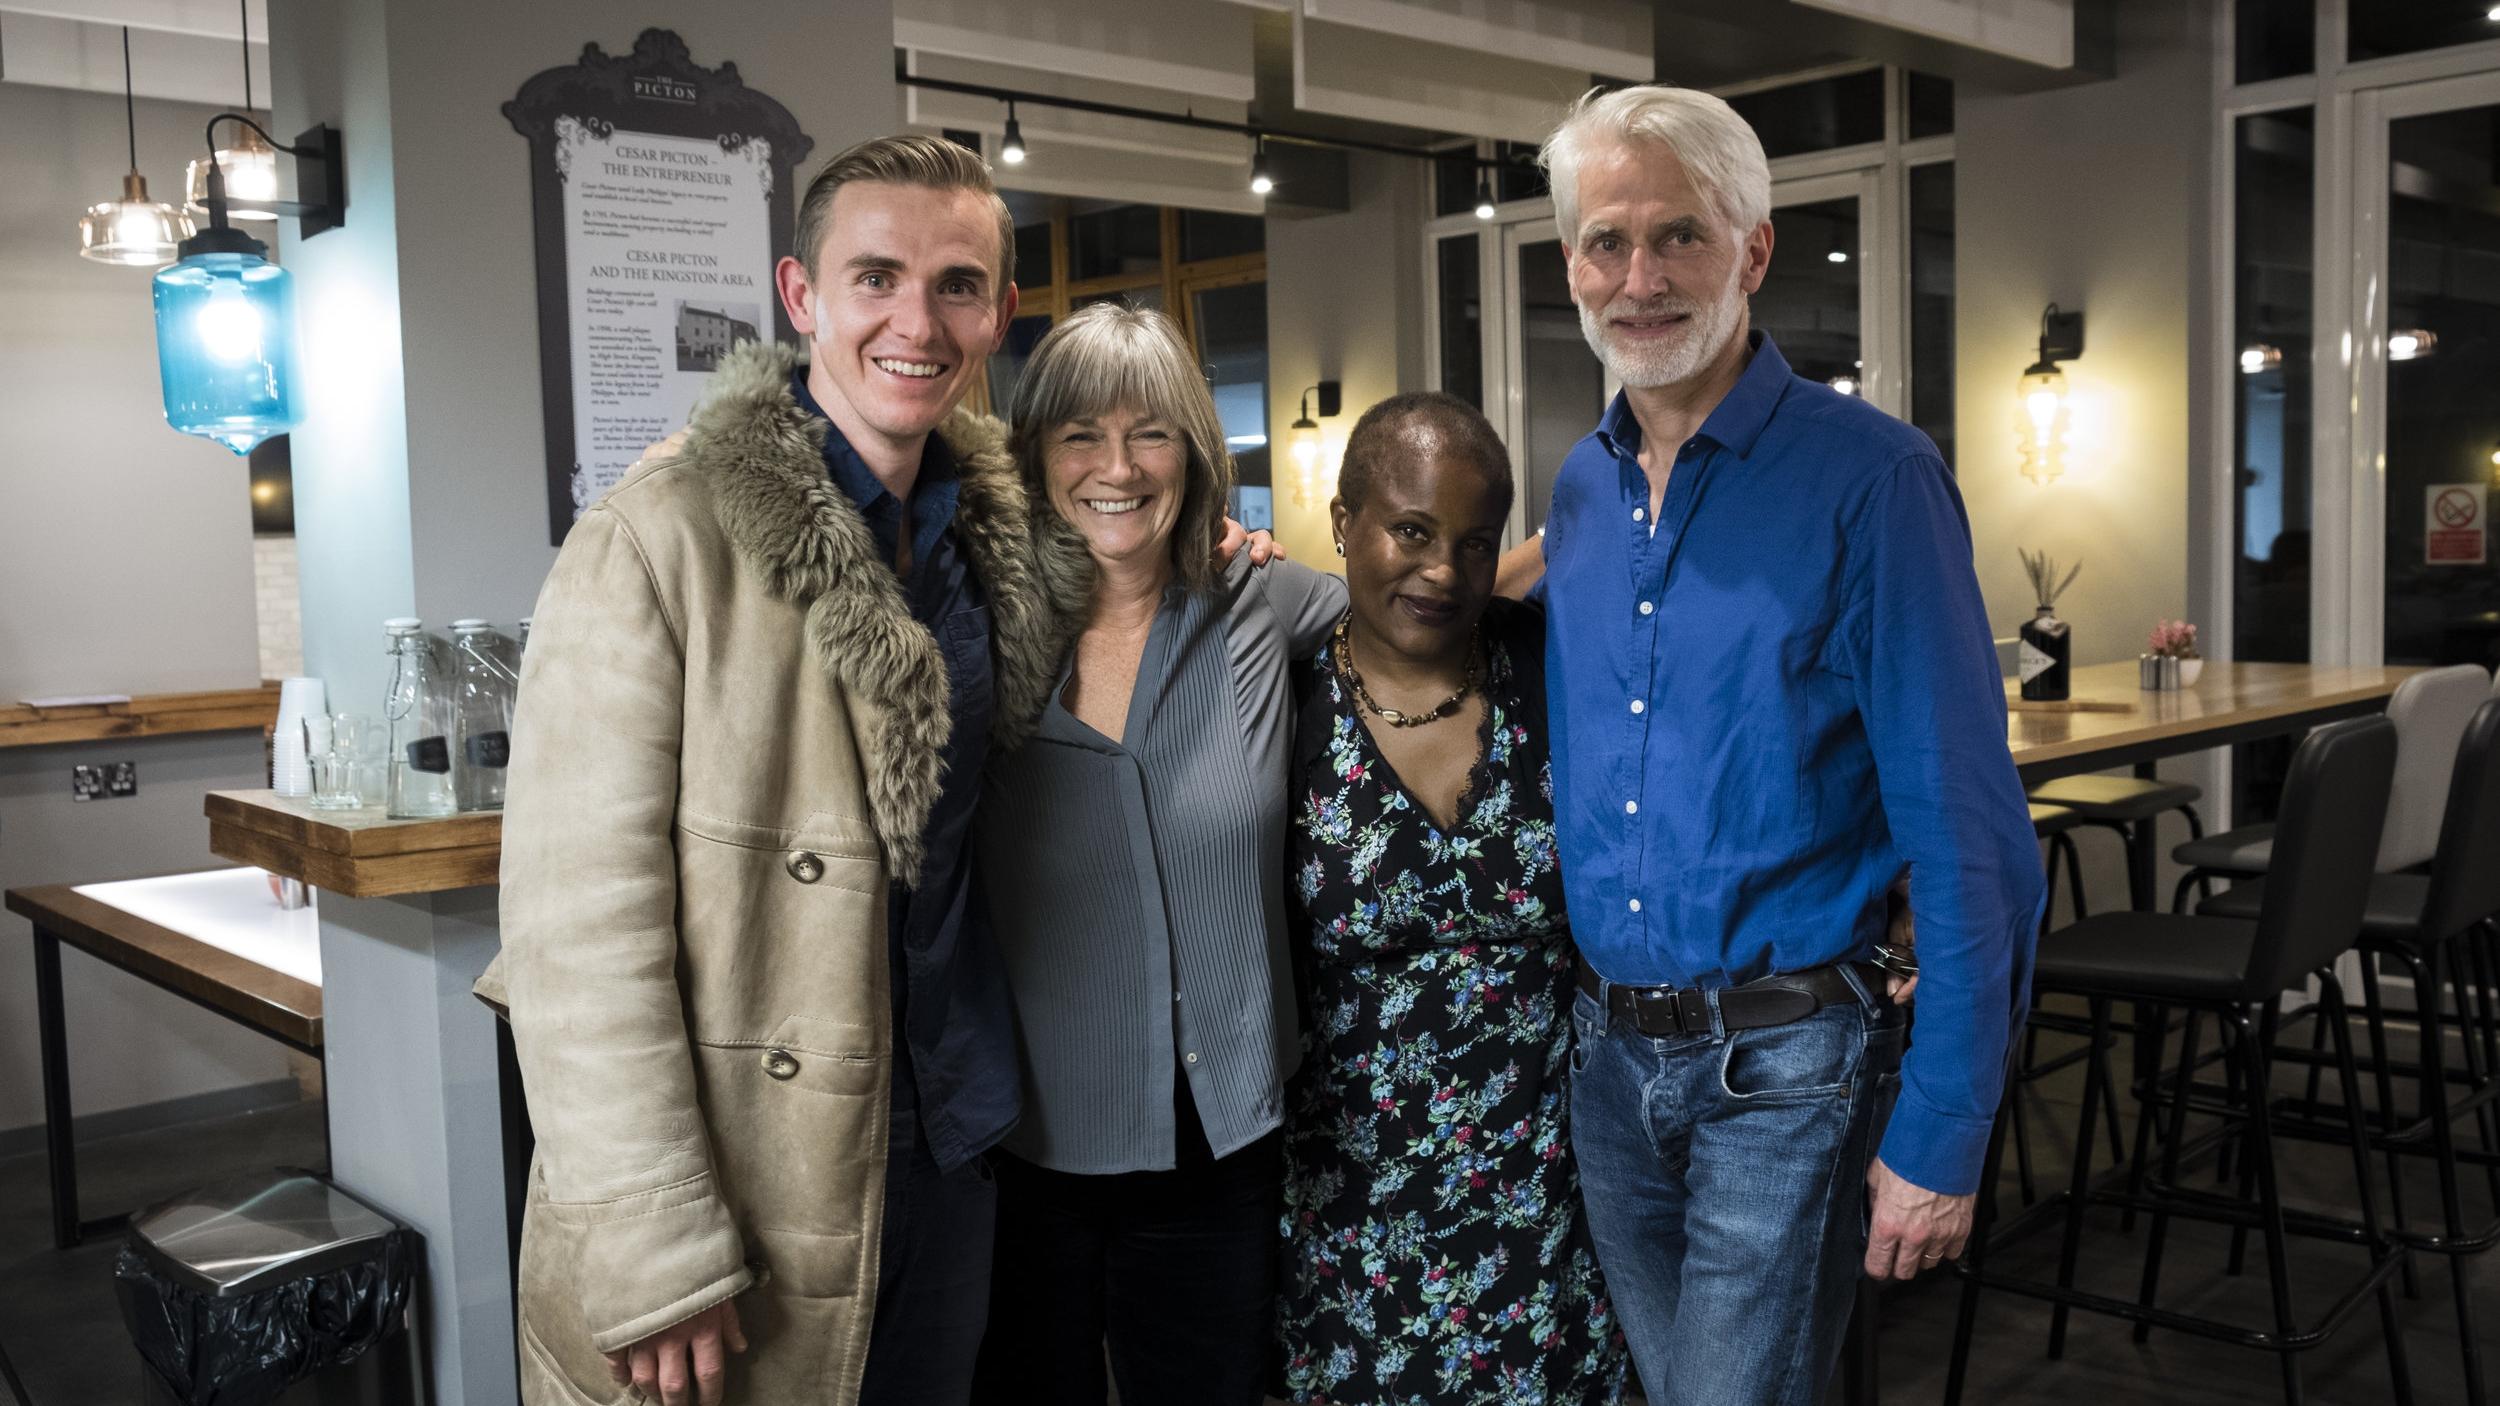 Steven J Fowler, Nell Leyshon, Winsome Pinnock, John Stuart (photo by Madeleine Elliott)